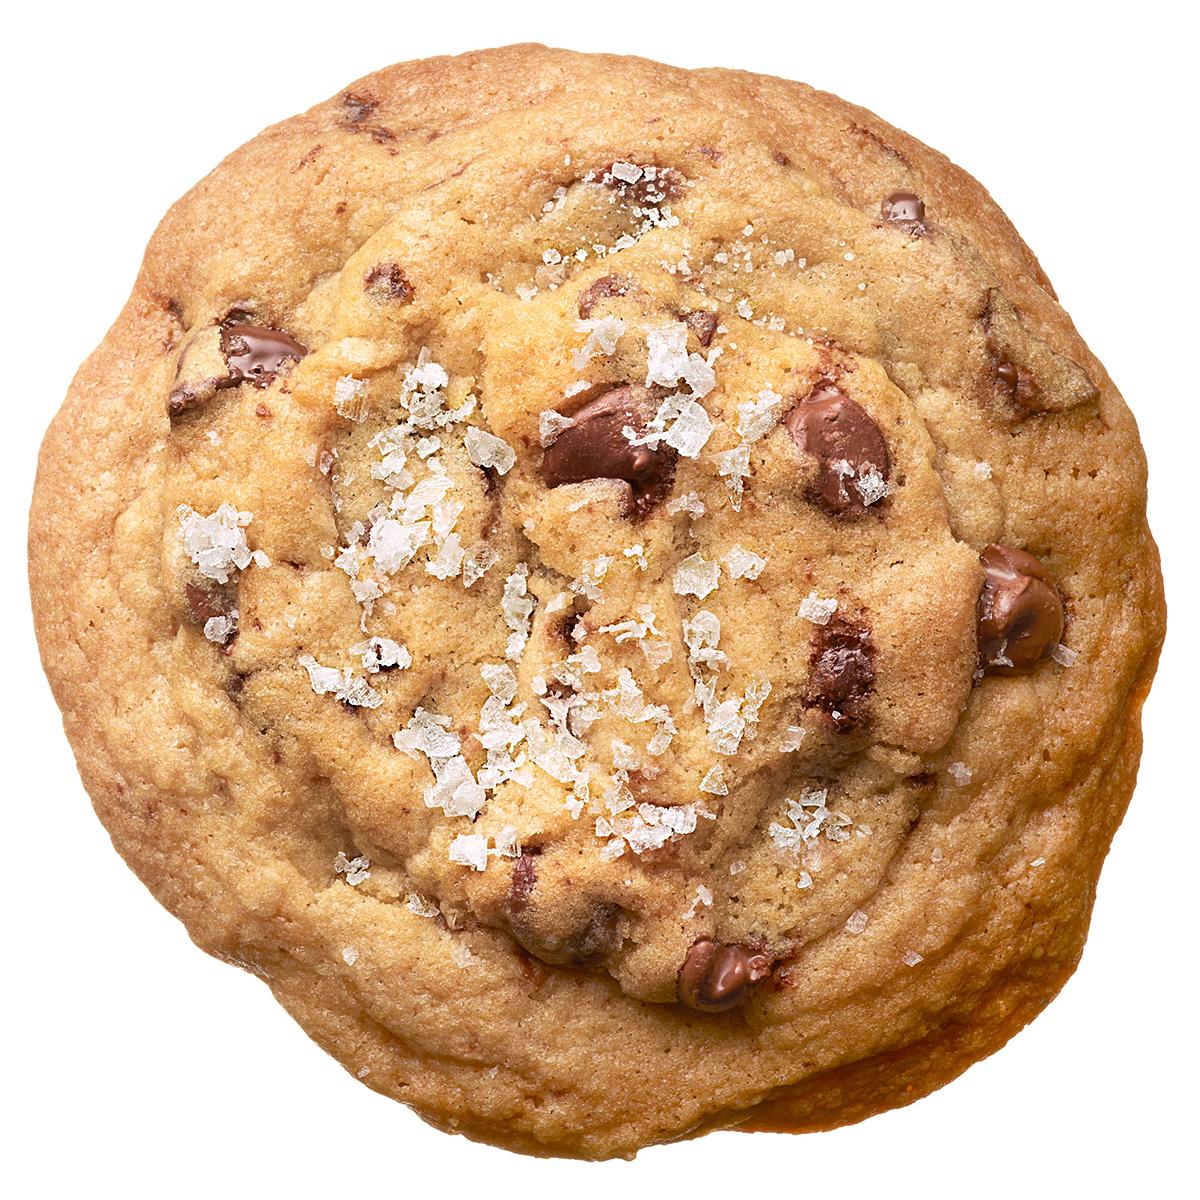 flake sea salt on chocolate chip cookie